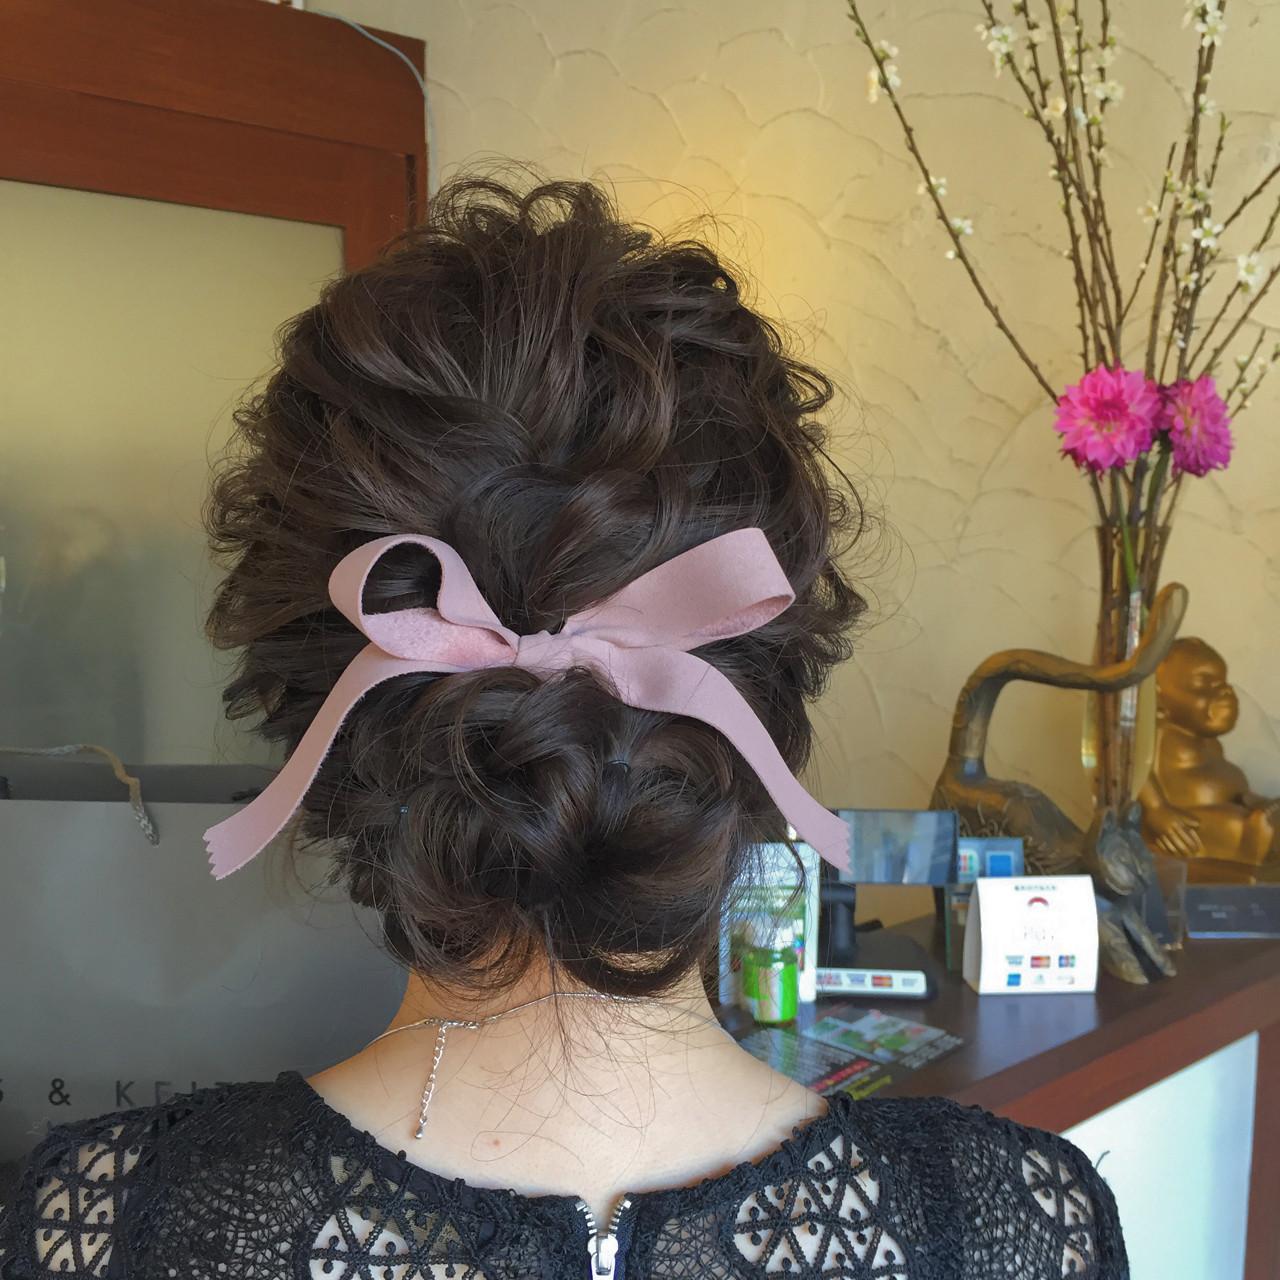 ミディアム ゆるふわ 結婚式 ヘアアレンジ ヘアスタイルや髪型の写真・画像